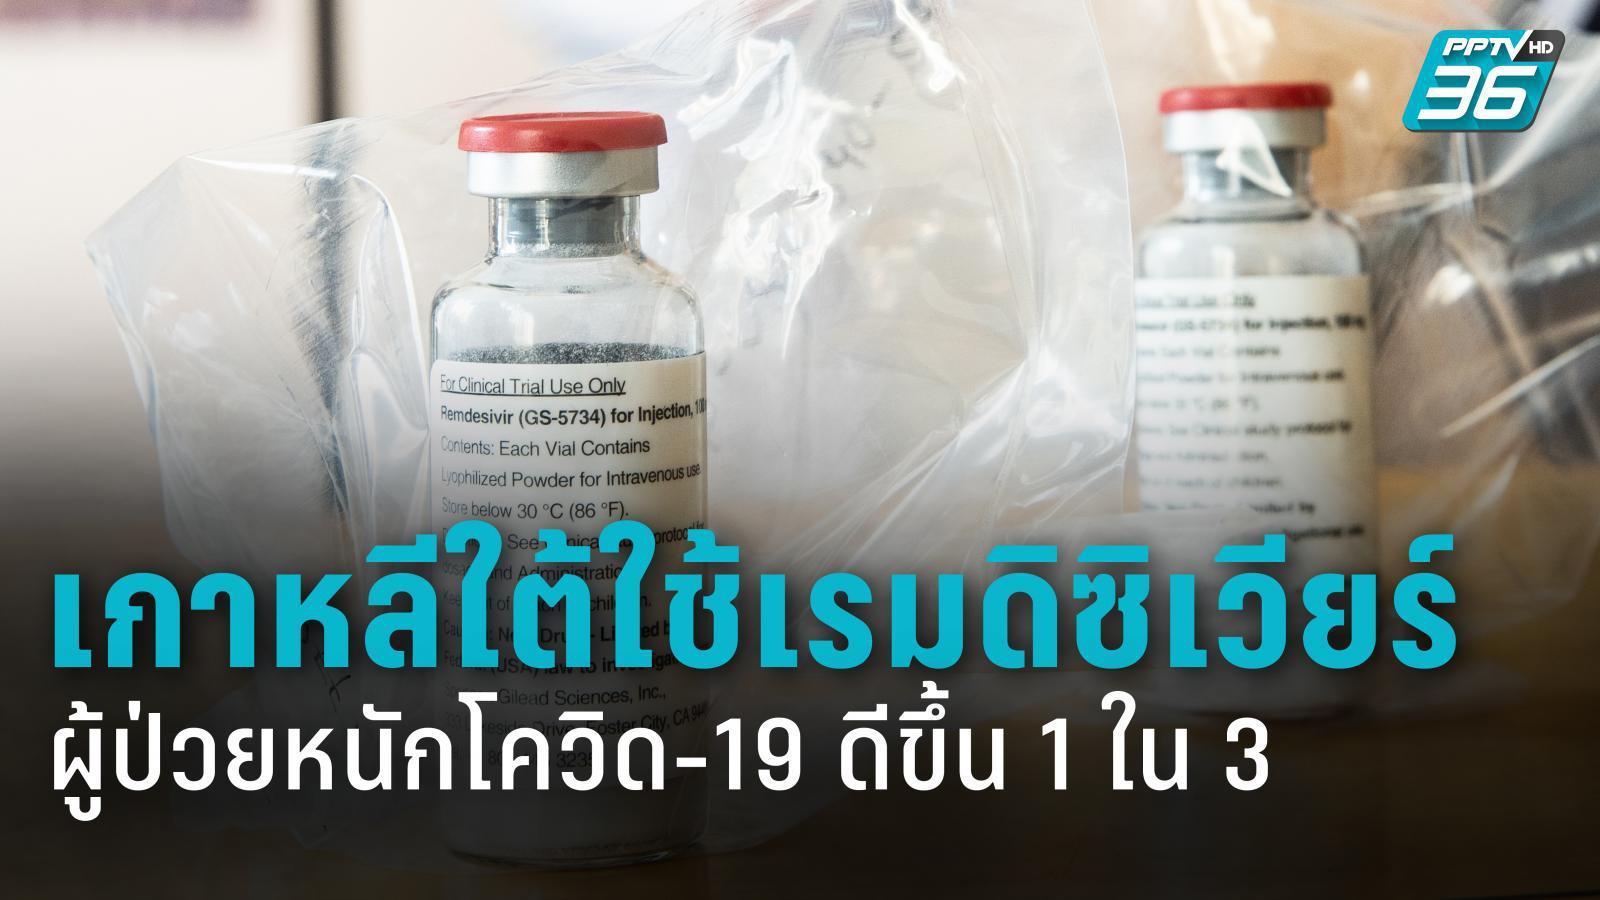 1 ใน 3 ของผู้ป่วยโควิด-19 รุนแรงในเกาหลีใต้ อาการดีขึ้นหลังรับยาเรมดิซิเวียร์